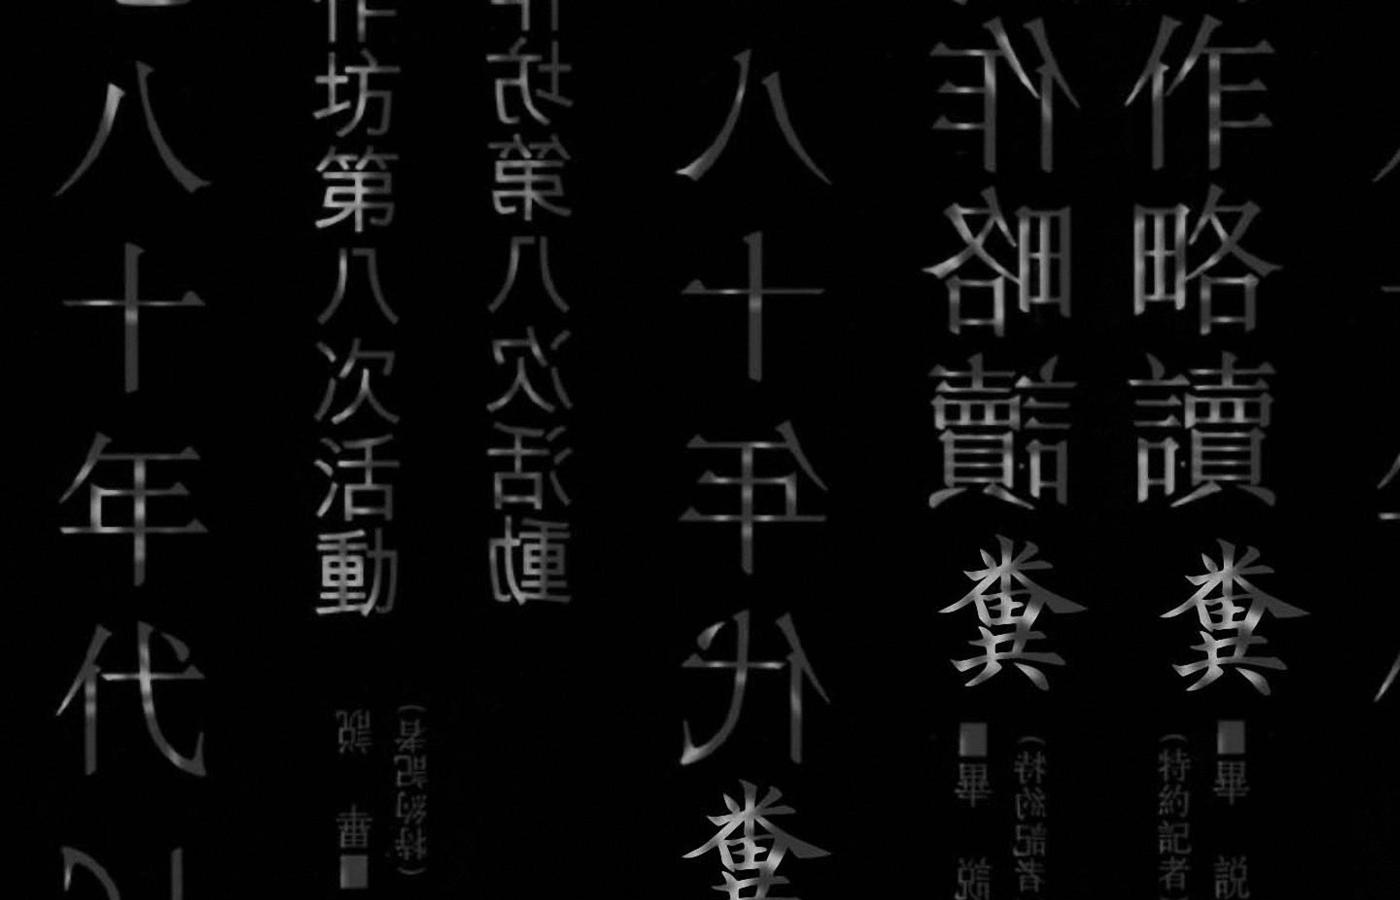 обои на рабочий стол с японскими иероглифами подобрать